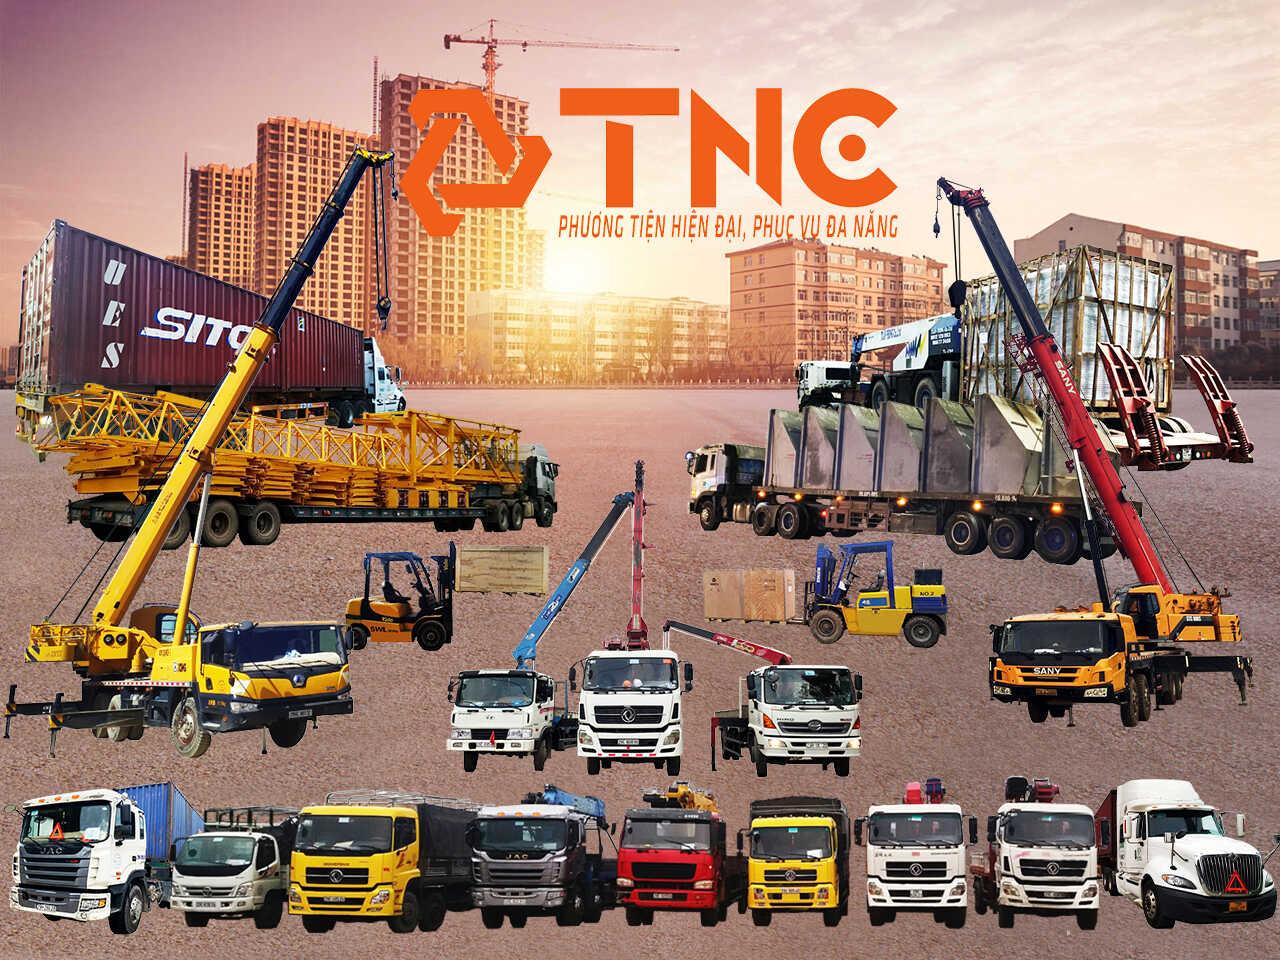 dịch vụ vận tải cẩu hạ uy tín chuyên nghiệp tại Hà Nội